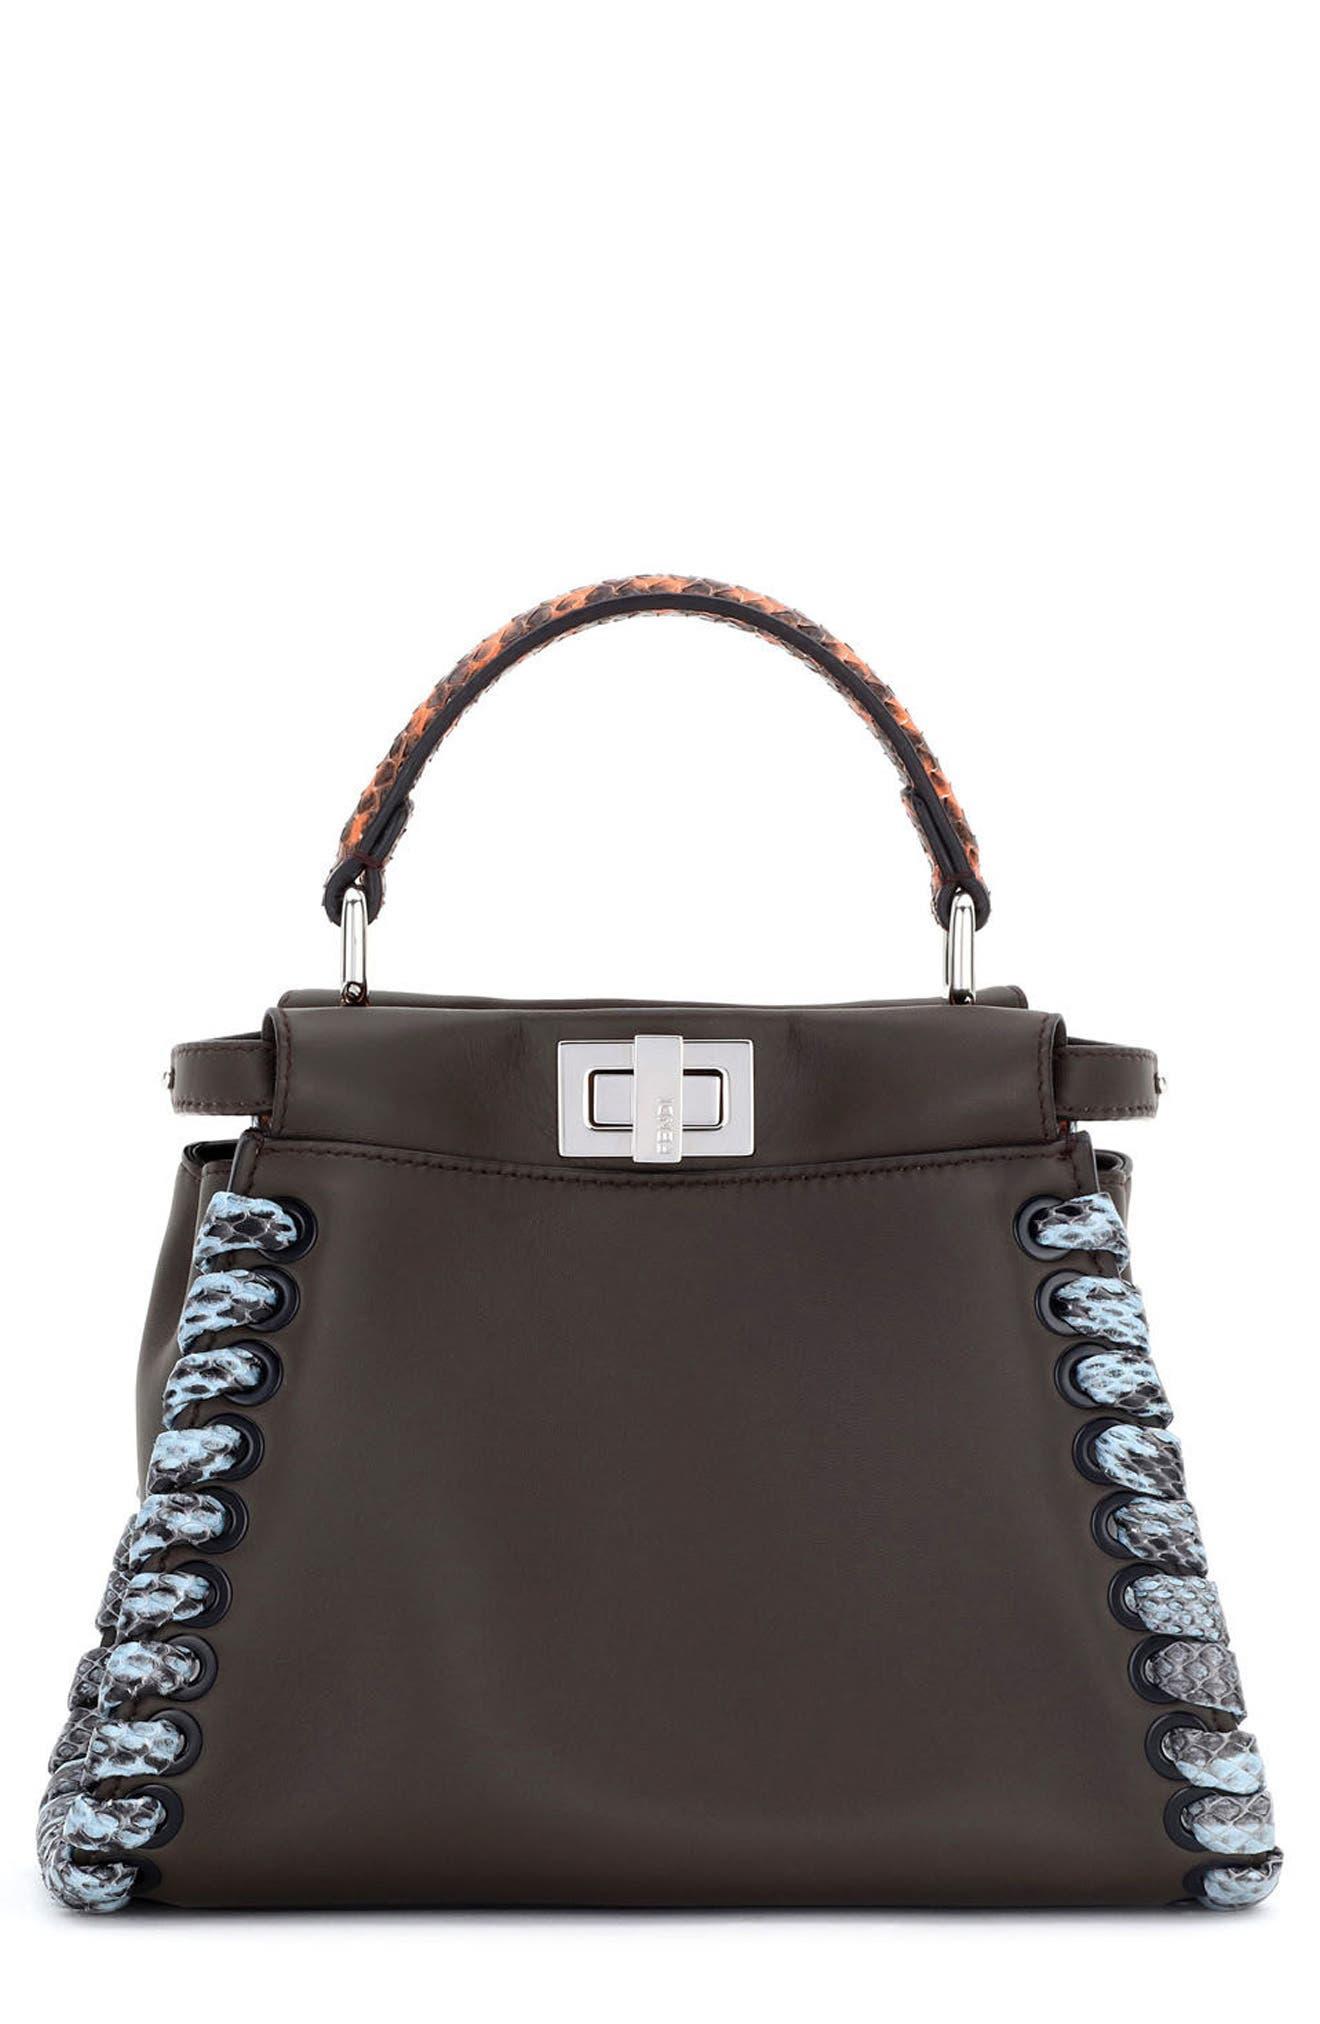 Main Image - Fendi Mini Peekaboo Leather & Genuine Snakeskin Satchel